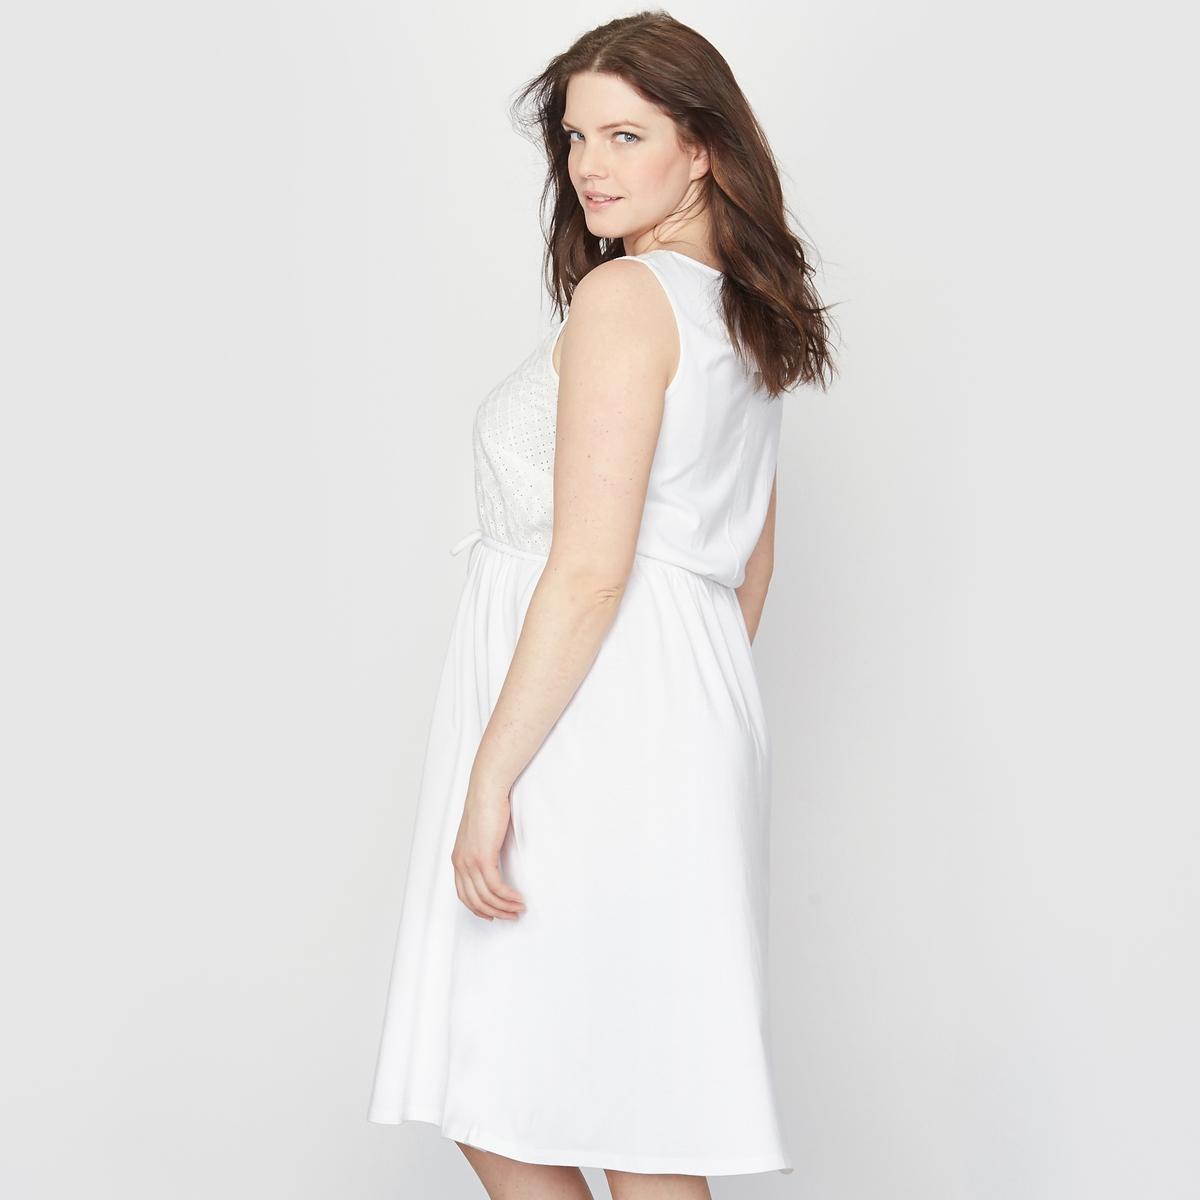 Платье из двух материаловПлатье. Верх из английского кружева . Высокая талия со сборками и завязками . Закругленный вырез. Низ из трикотажа . 100%  хлопка . Длина 97 см.<br><br>Цвет: белый<br>Размер: 44 (FR) - 50 (RUS).48 (FR) - 54 (RUS)